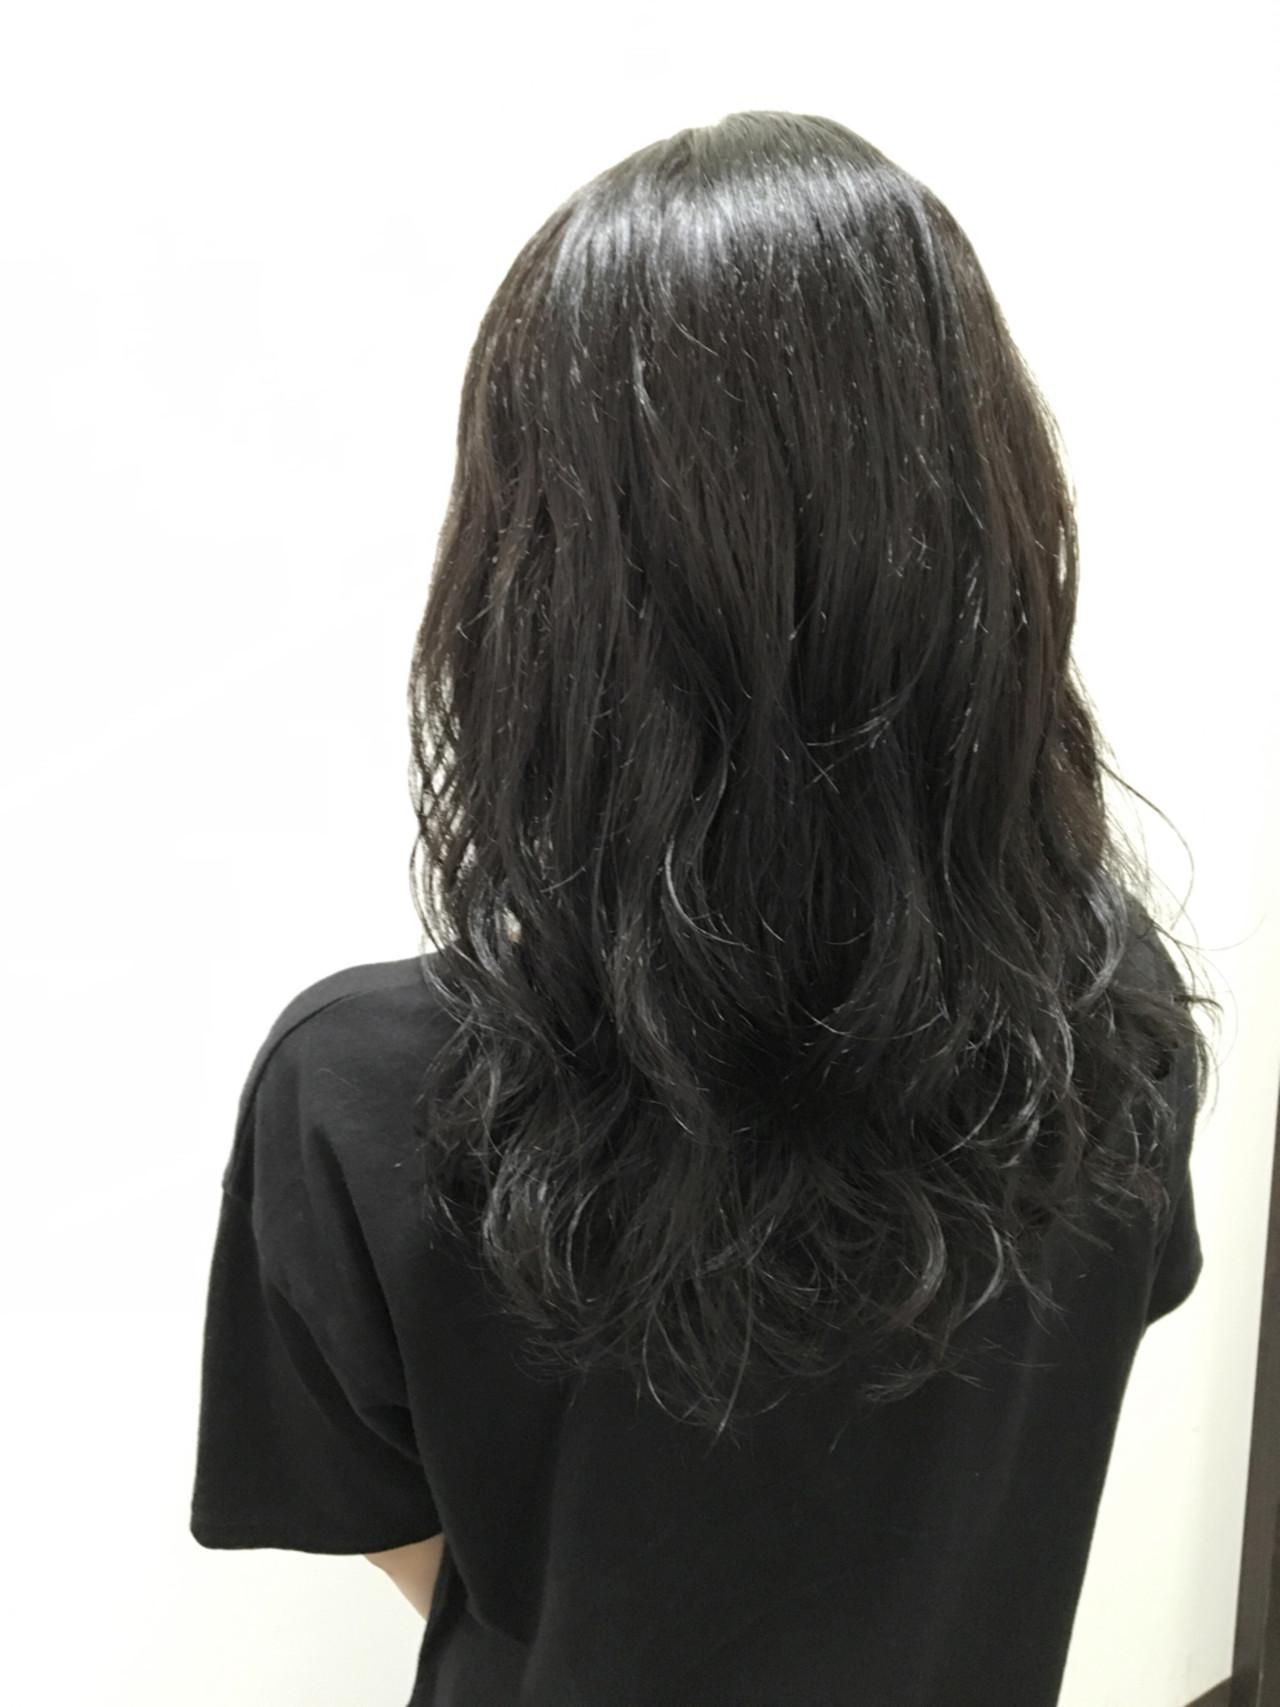 モード セミロング アッシュブラック 暗髪 ヘアスタイルや髪型の写真・画像